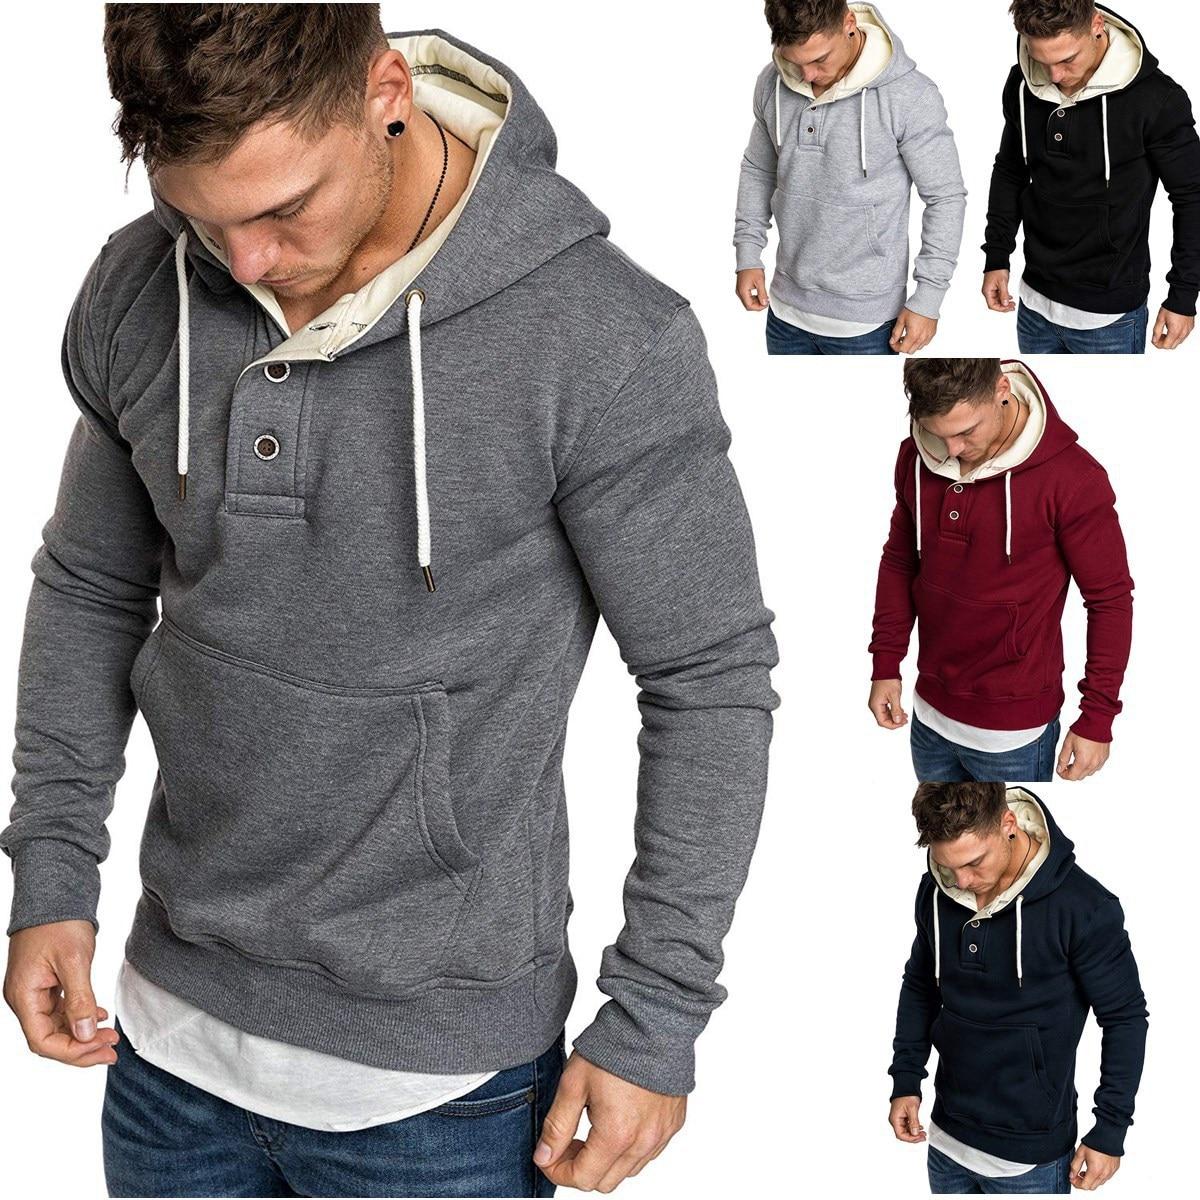 Новый флисовый воротник, модная в Европе и однотонная мужская флисовая одежда с капюшоном для отдыха